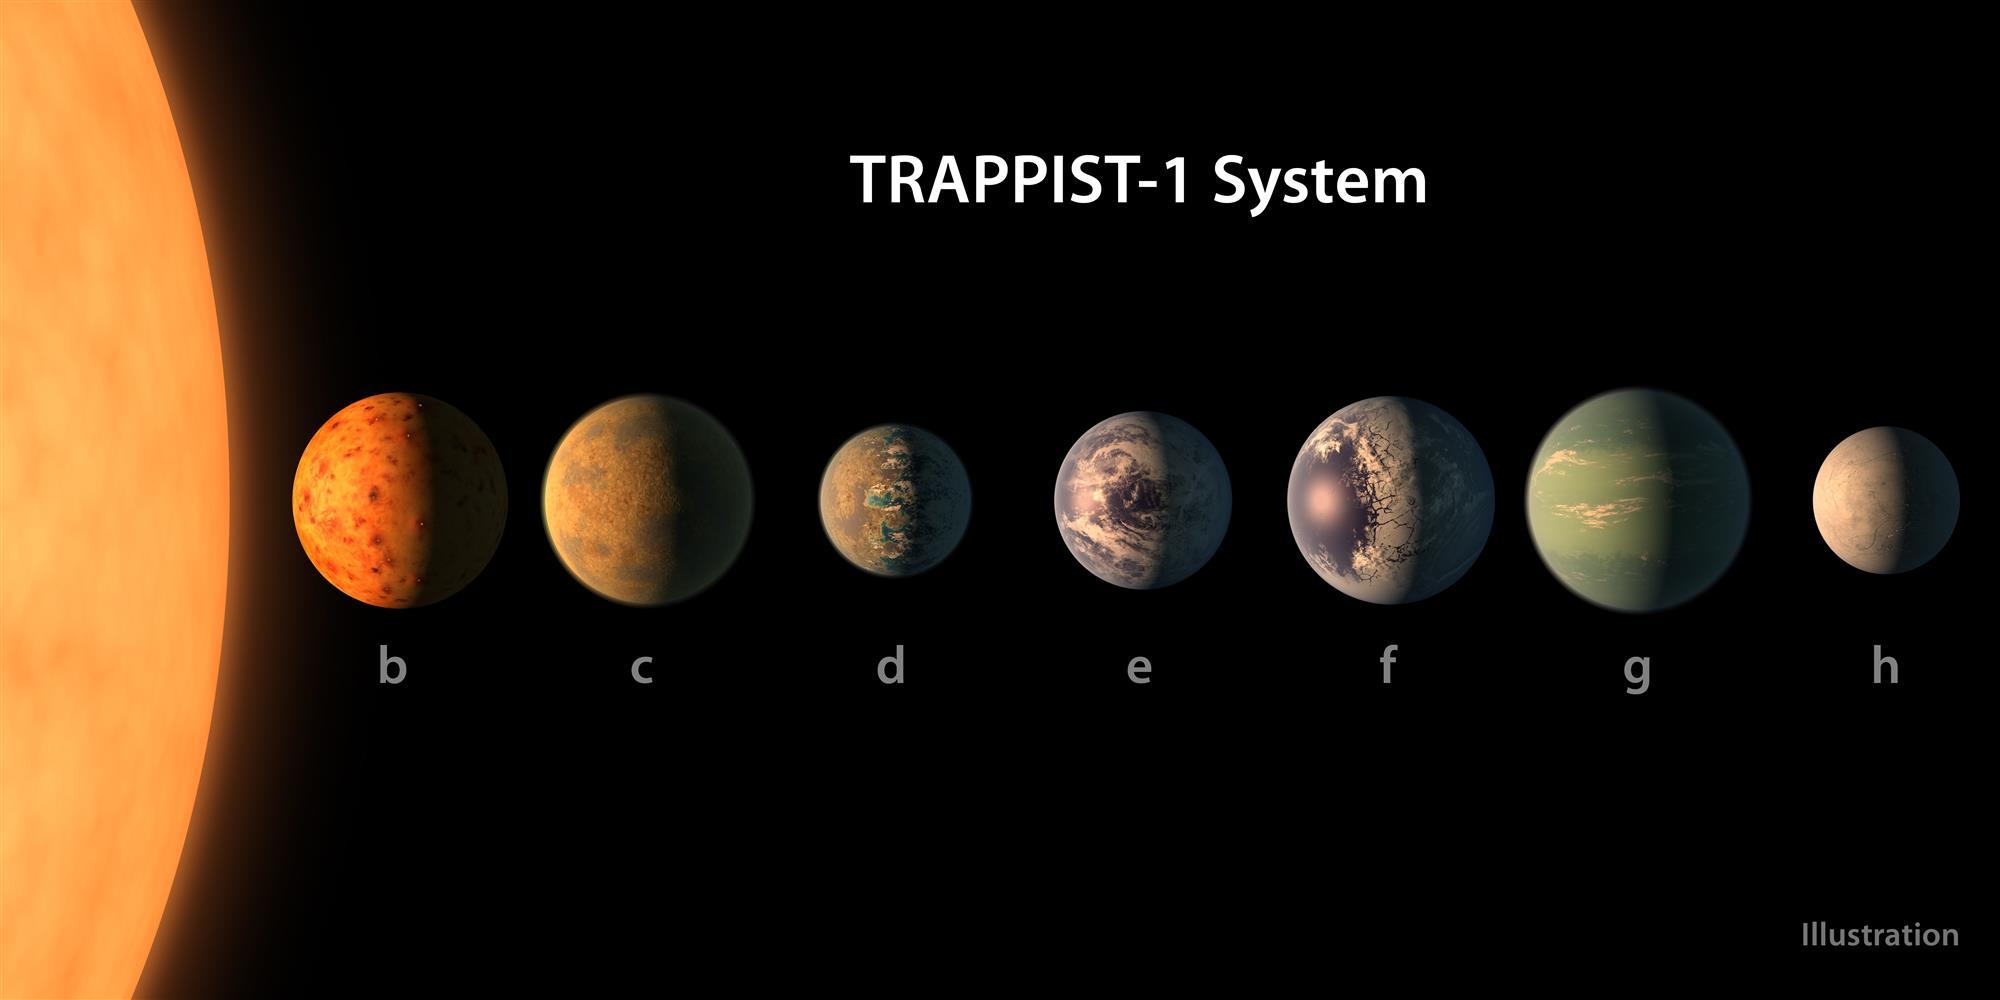 Sistema exoplanetario TRAPPIST-1